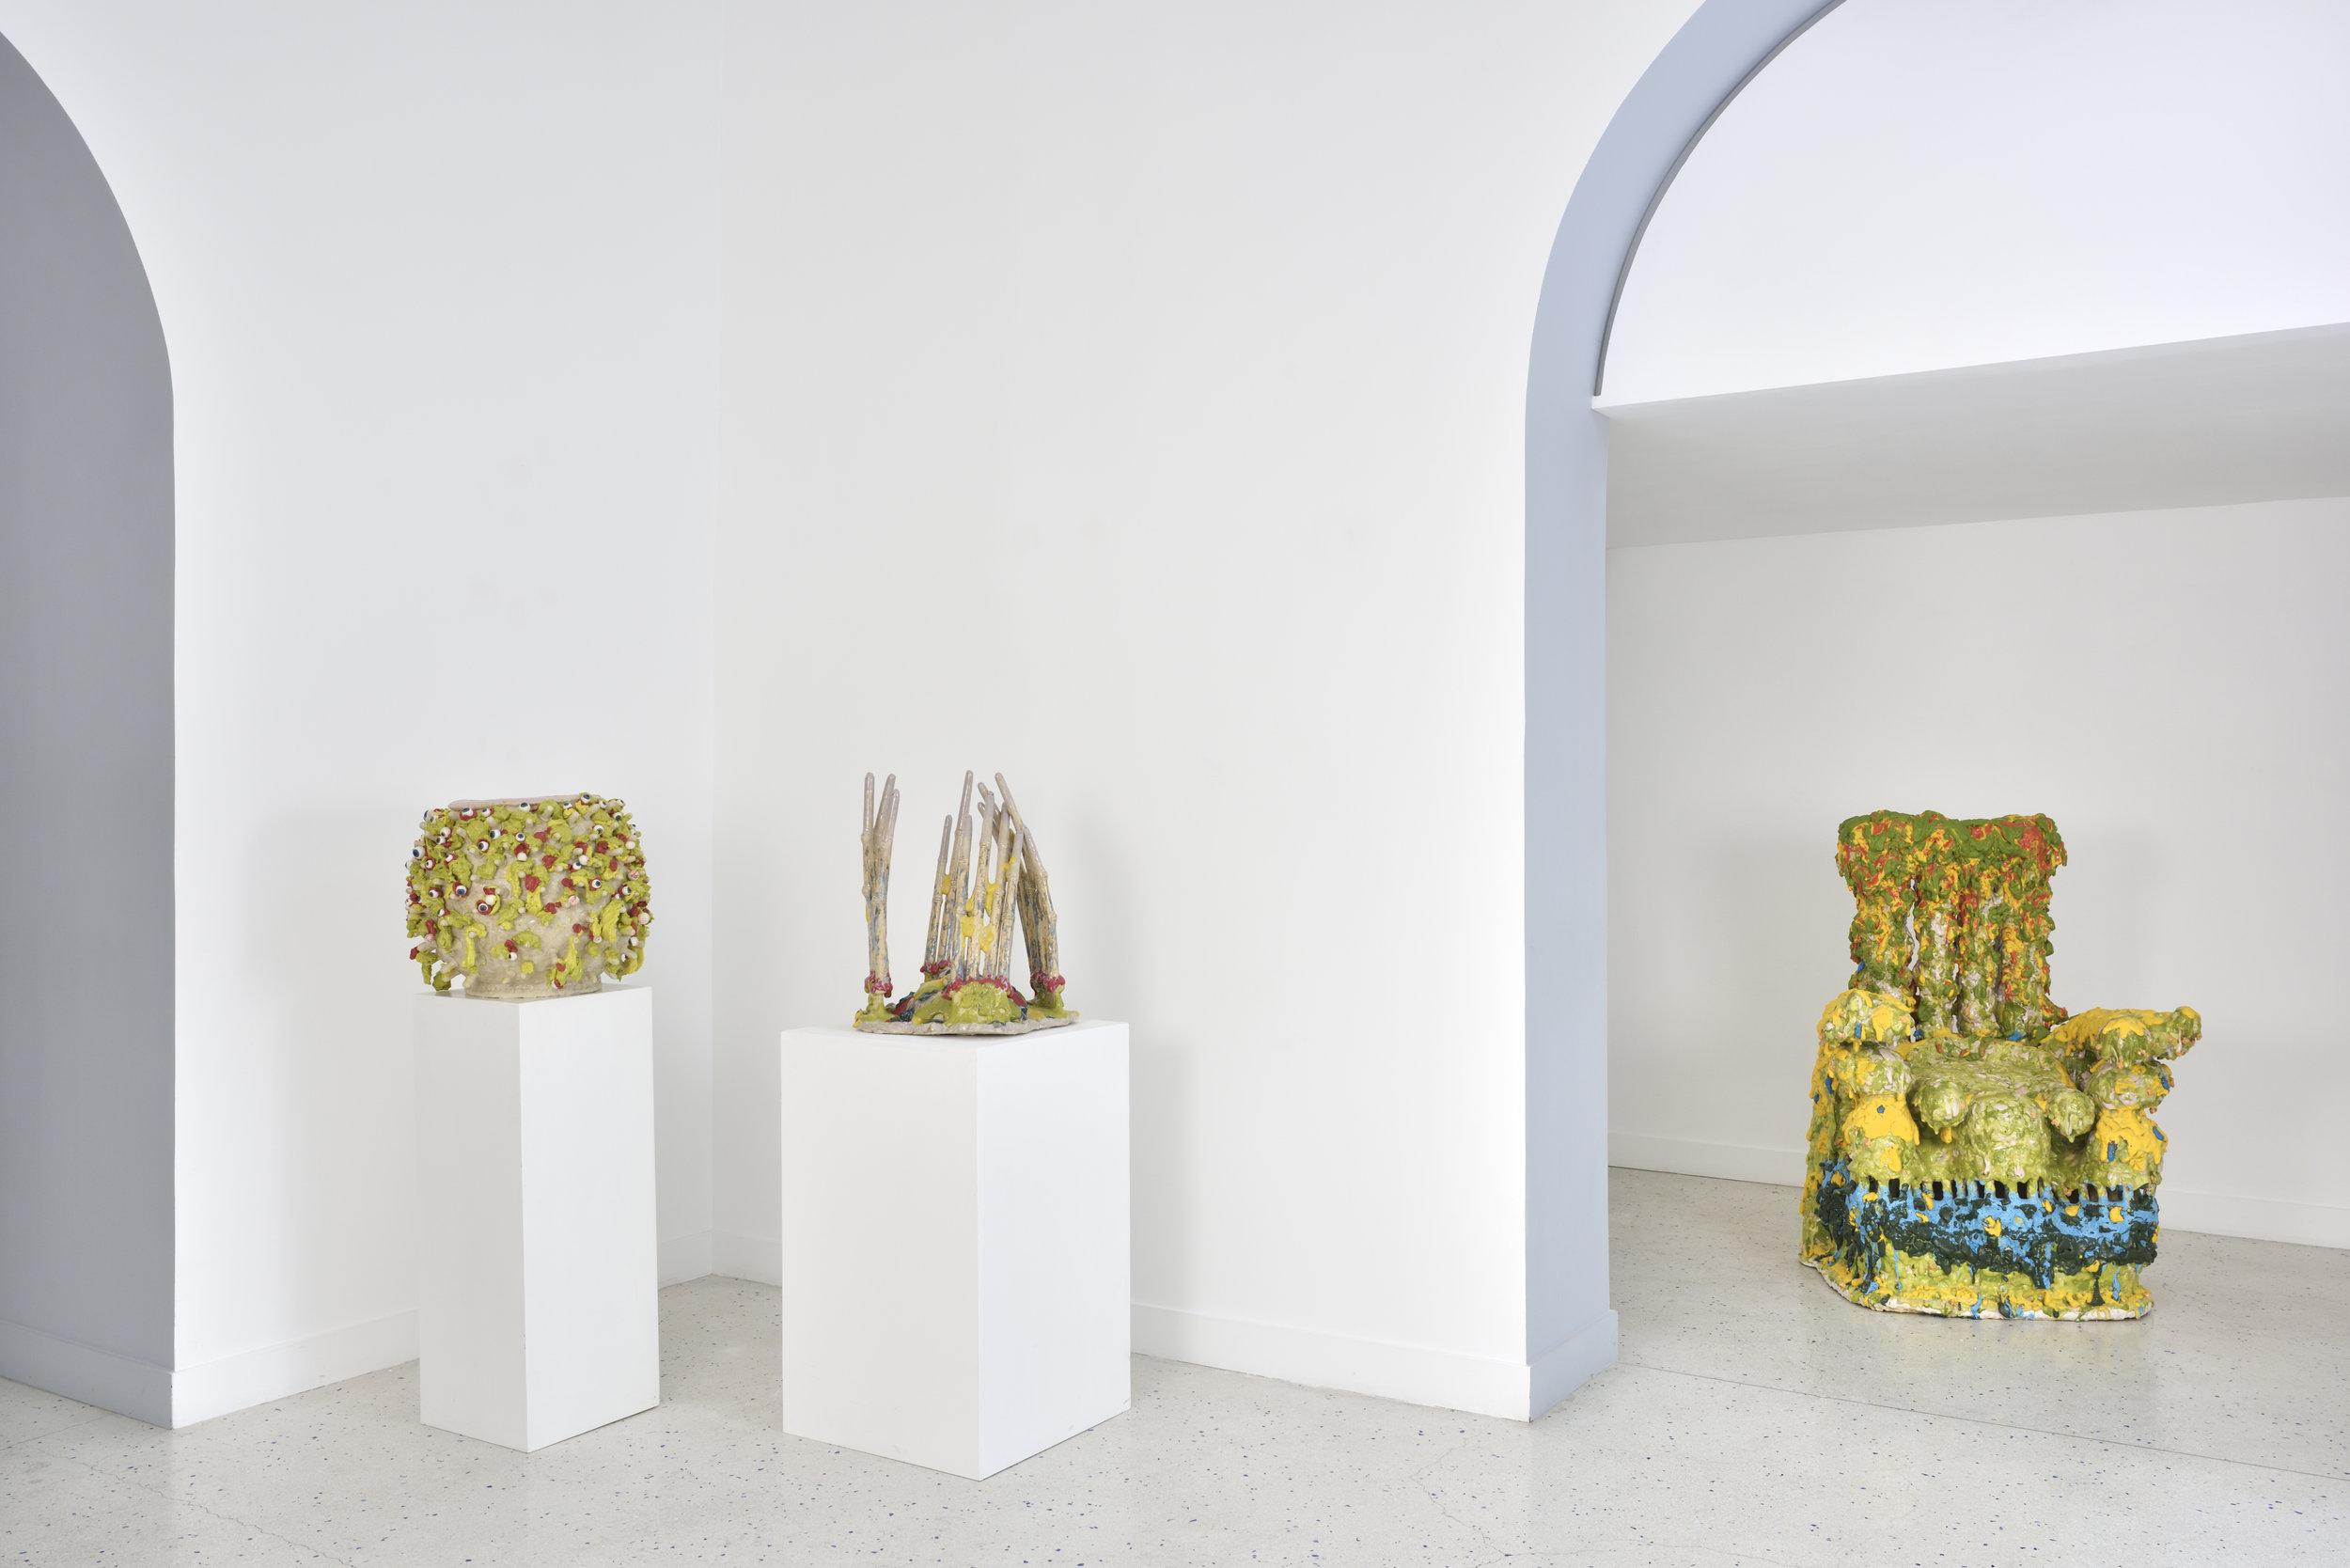 Crédit Photo Rebecca Fanuele  Courtesy Galerie Lefebvre & Fils & Nick Weddell